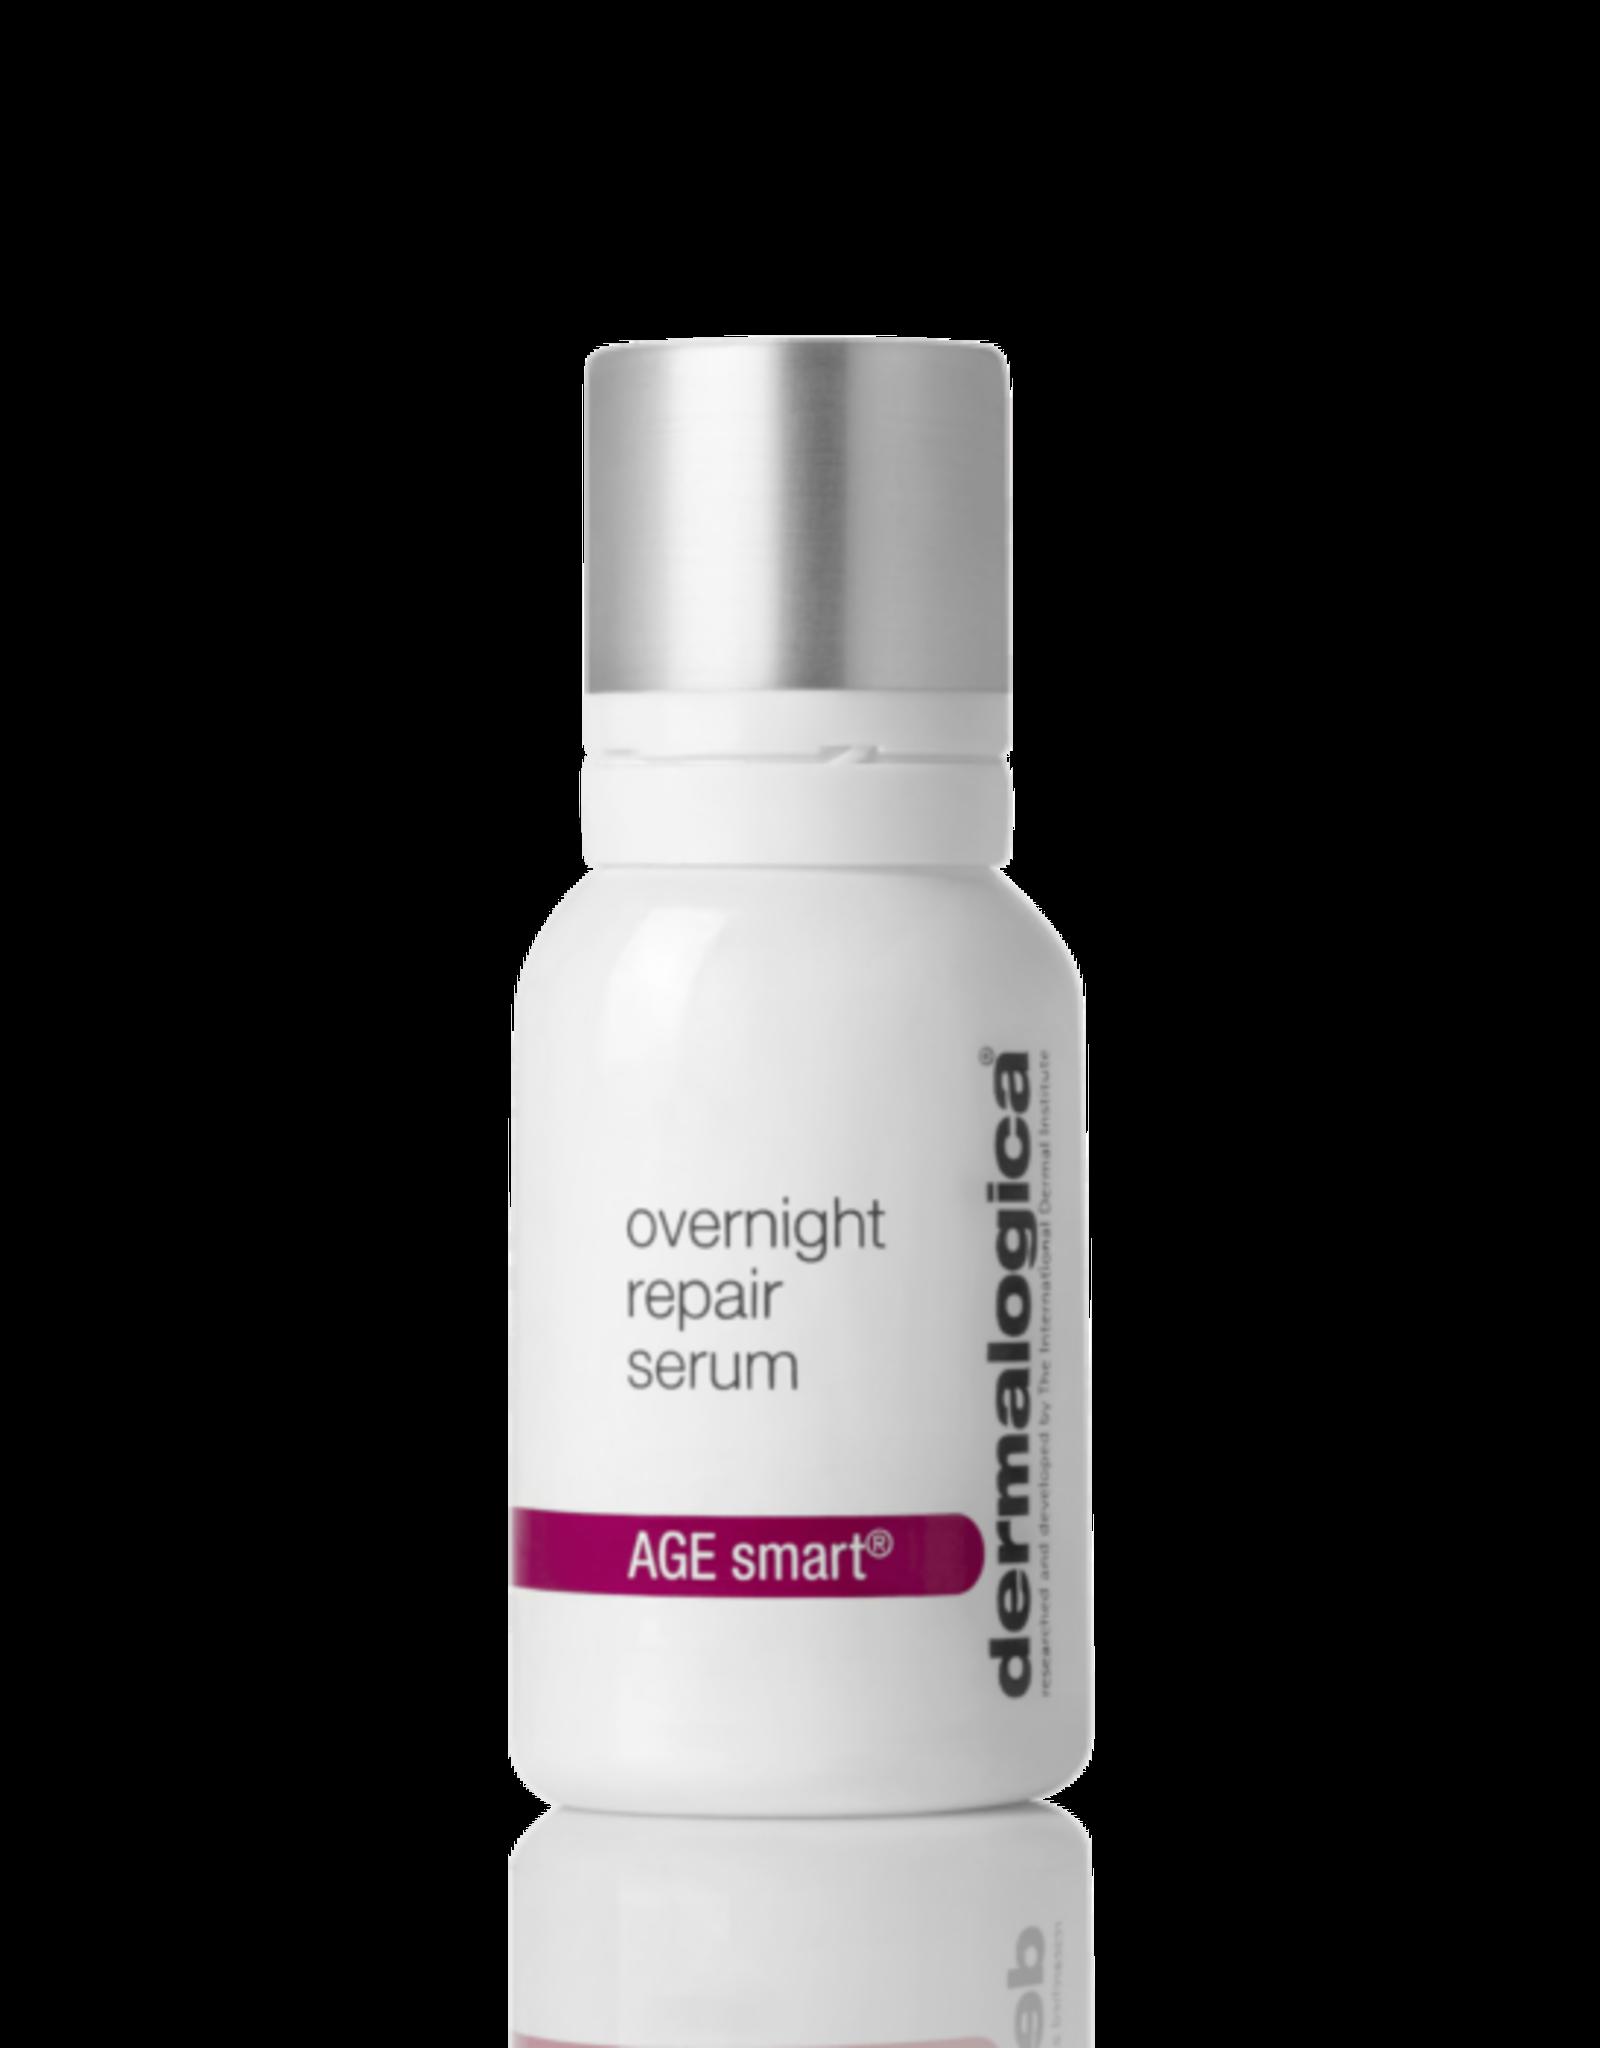 Dermalogica AGE Smart Overnight Repair Serum 15ml - Dermalogica